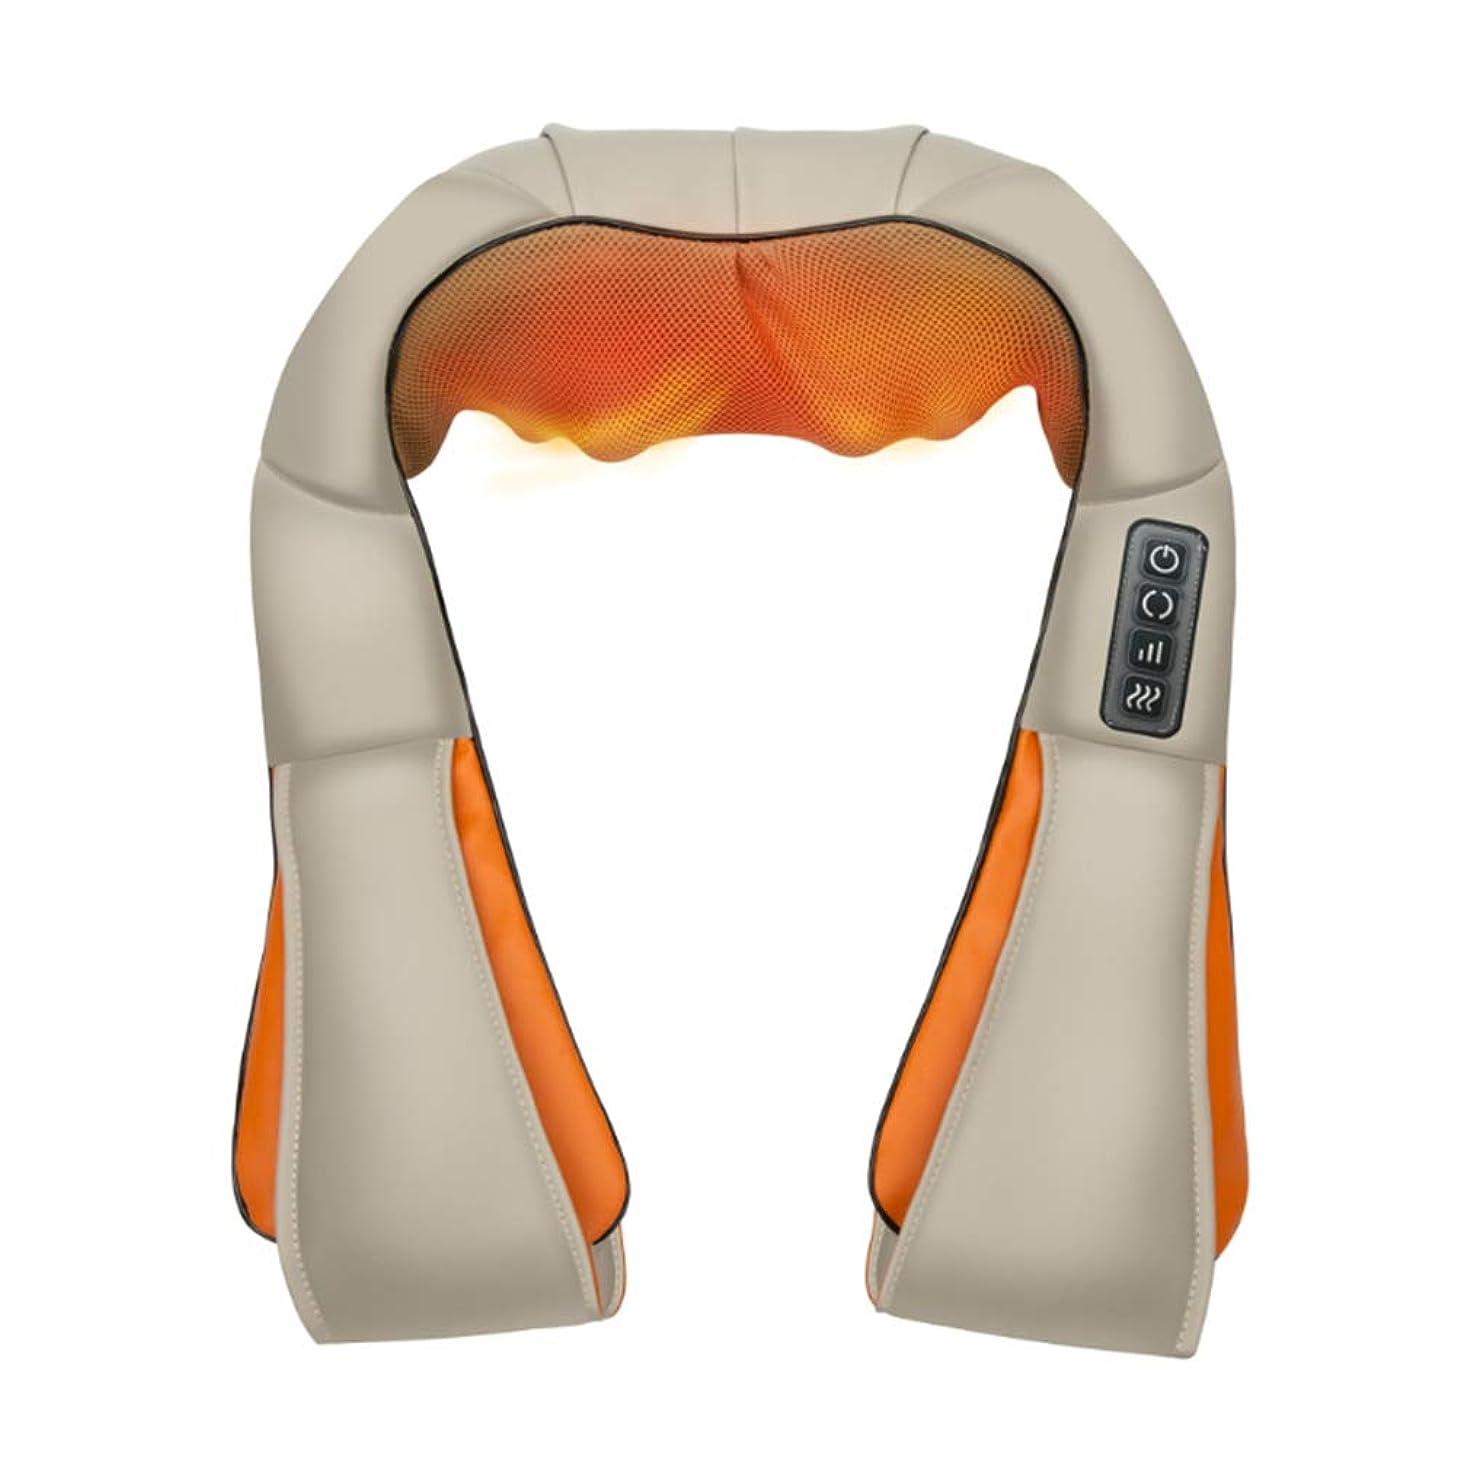 ハーブ既婚細部指圧マッサージャー、ネックマッサージャー、リラクゼーション治療のための熱およびタイミング機能を備えた3dディープニーディングショルダーマッサージ筋肉の痛み緩和ウエスト、首、脚、肩、背中